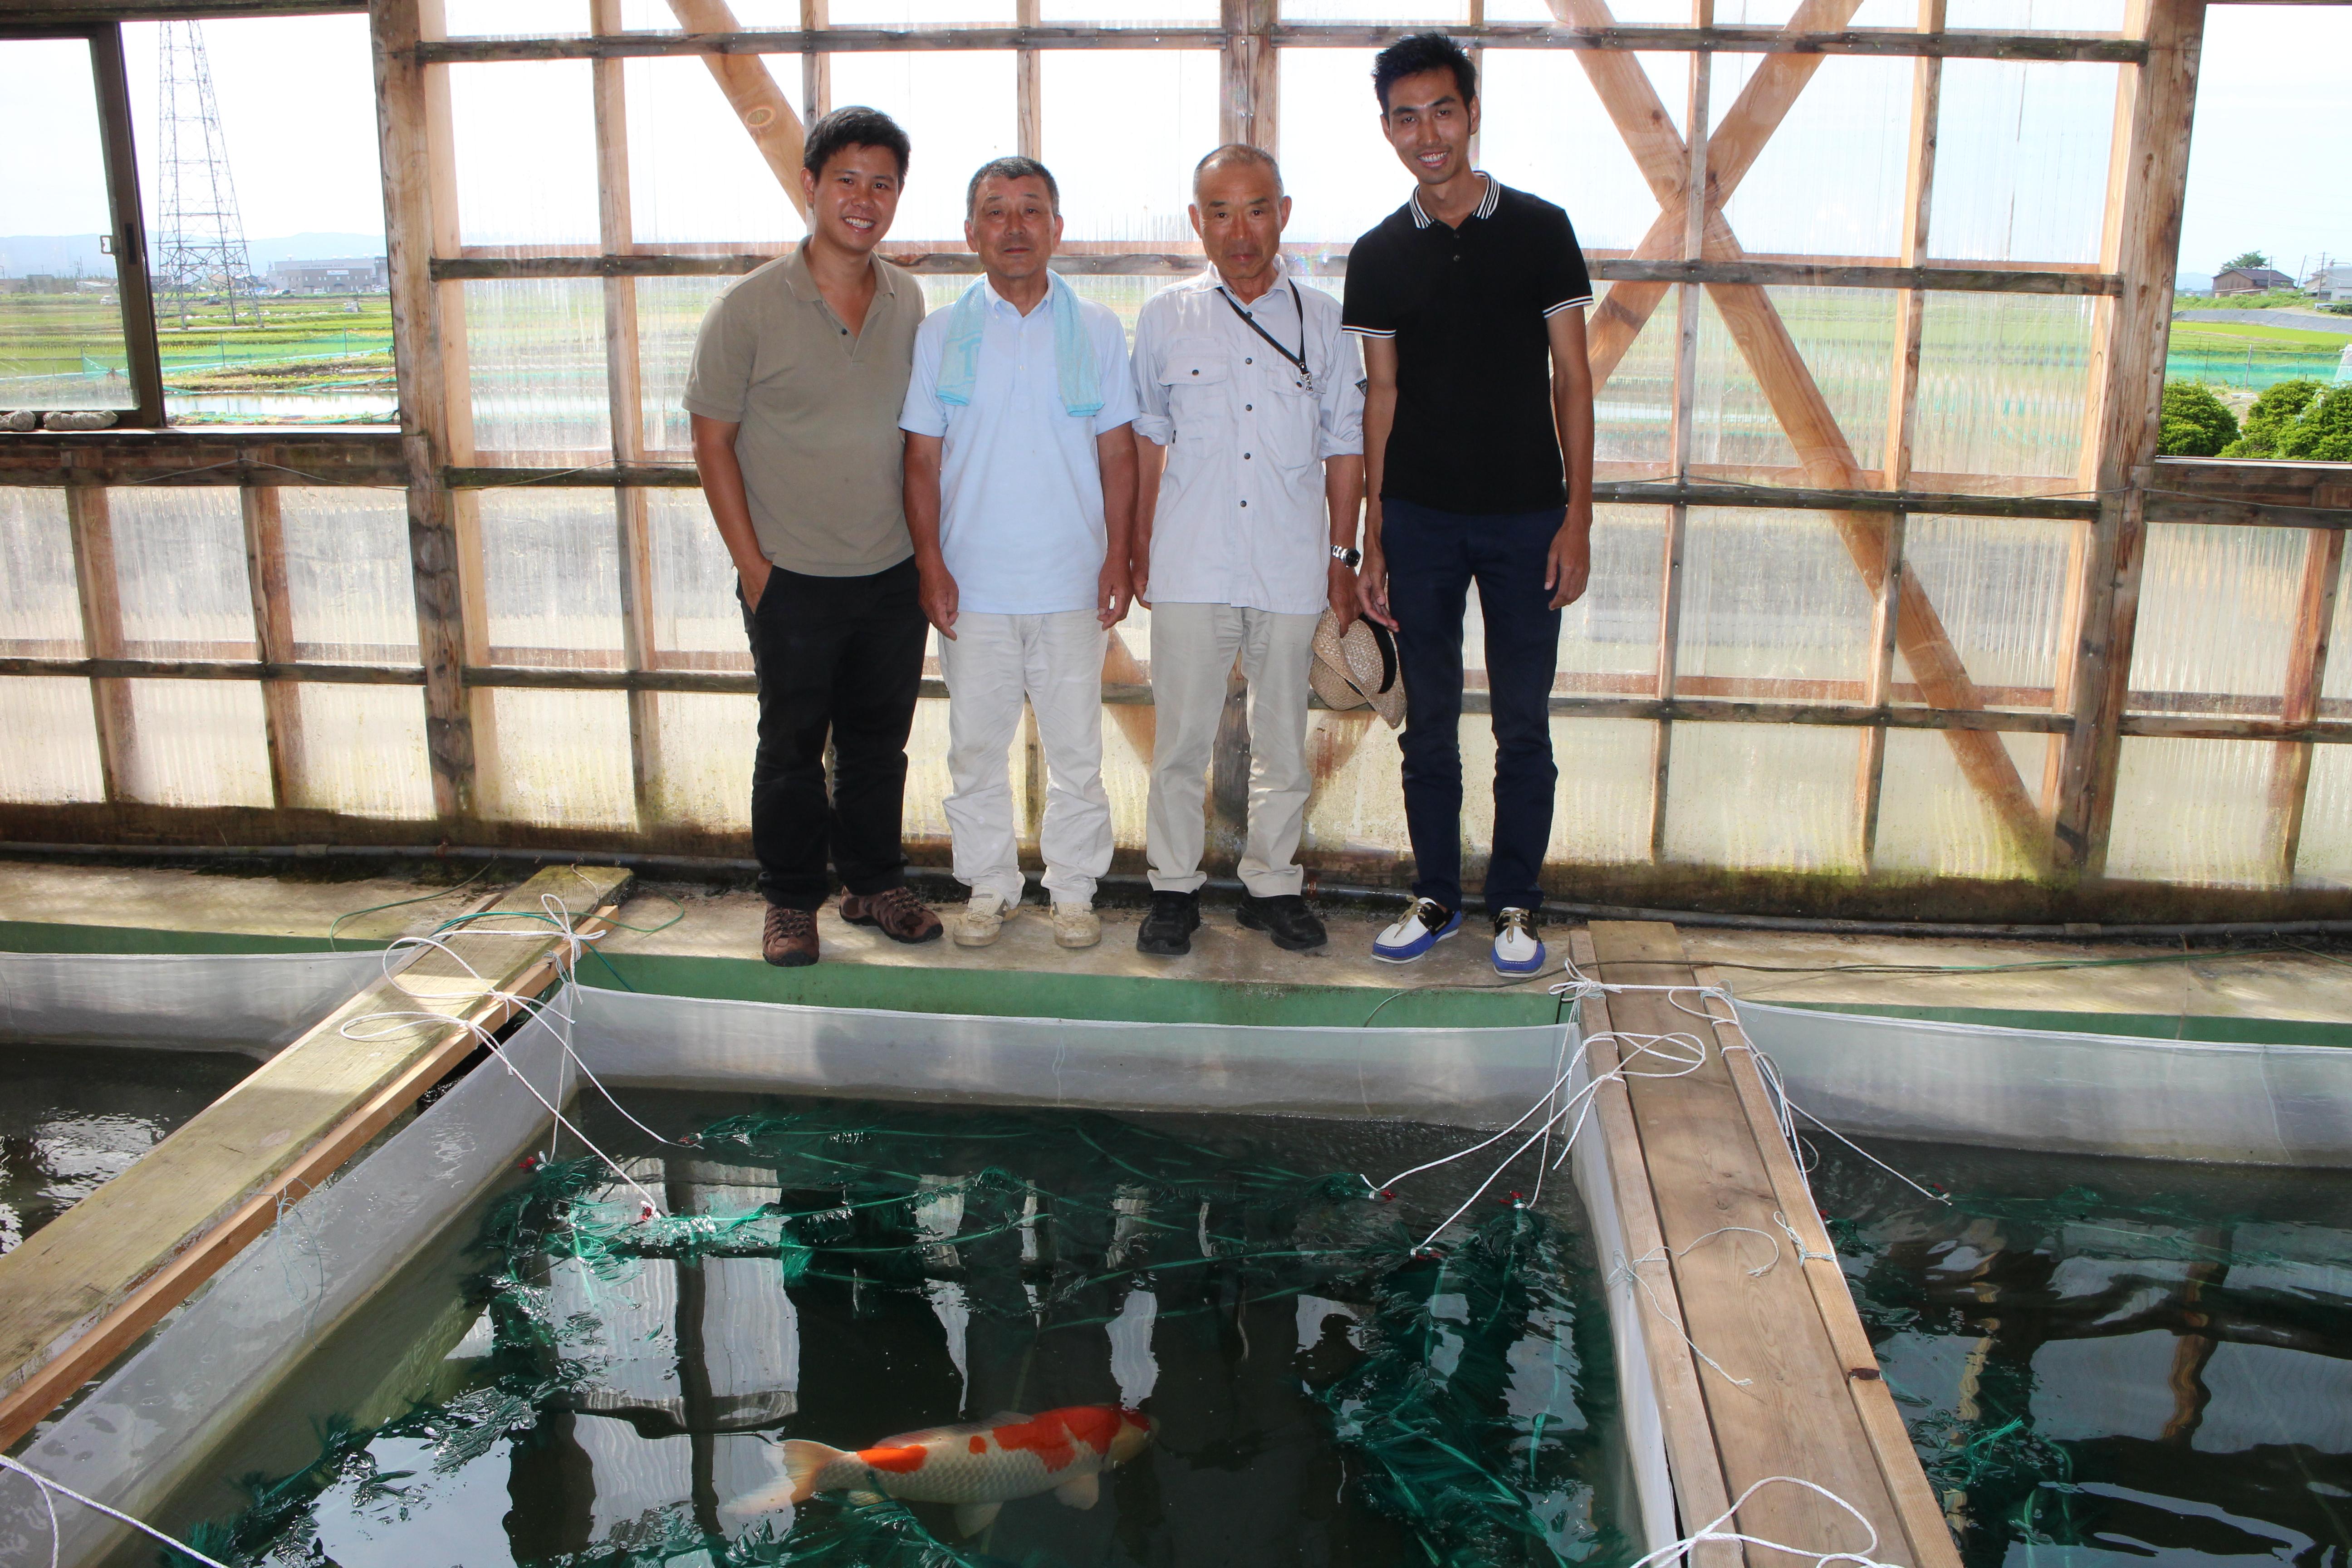 Marugen koi farm singapore a boutique japanese koi fish for Koi farm japan